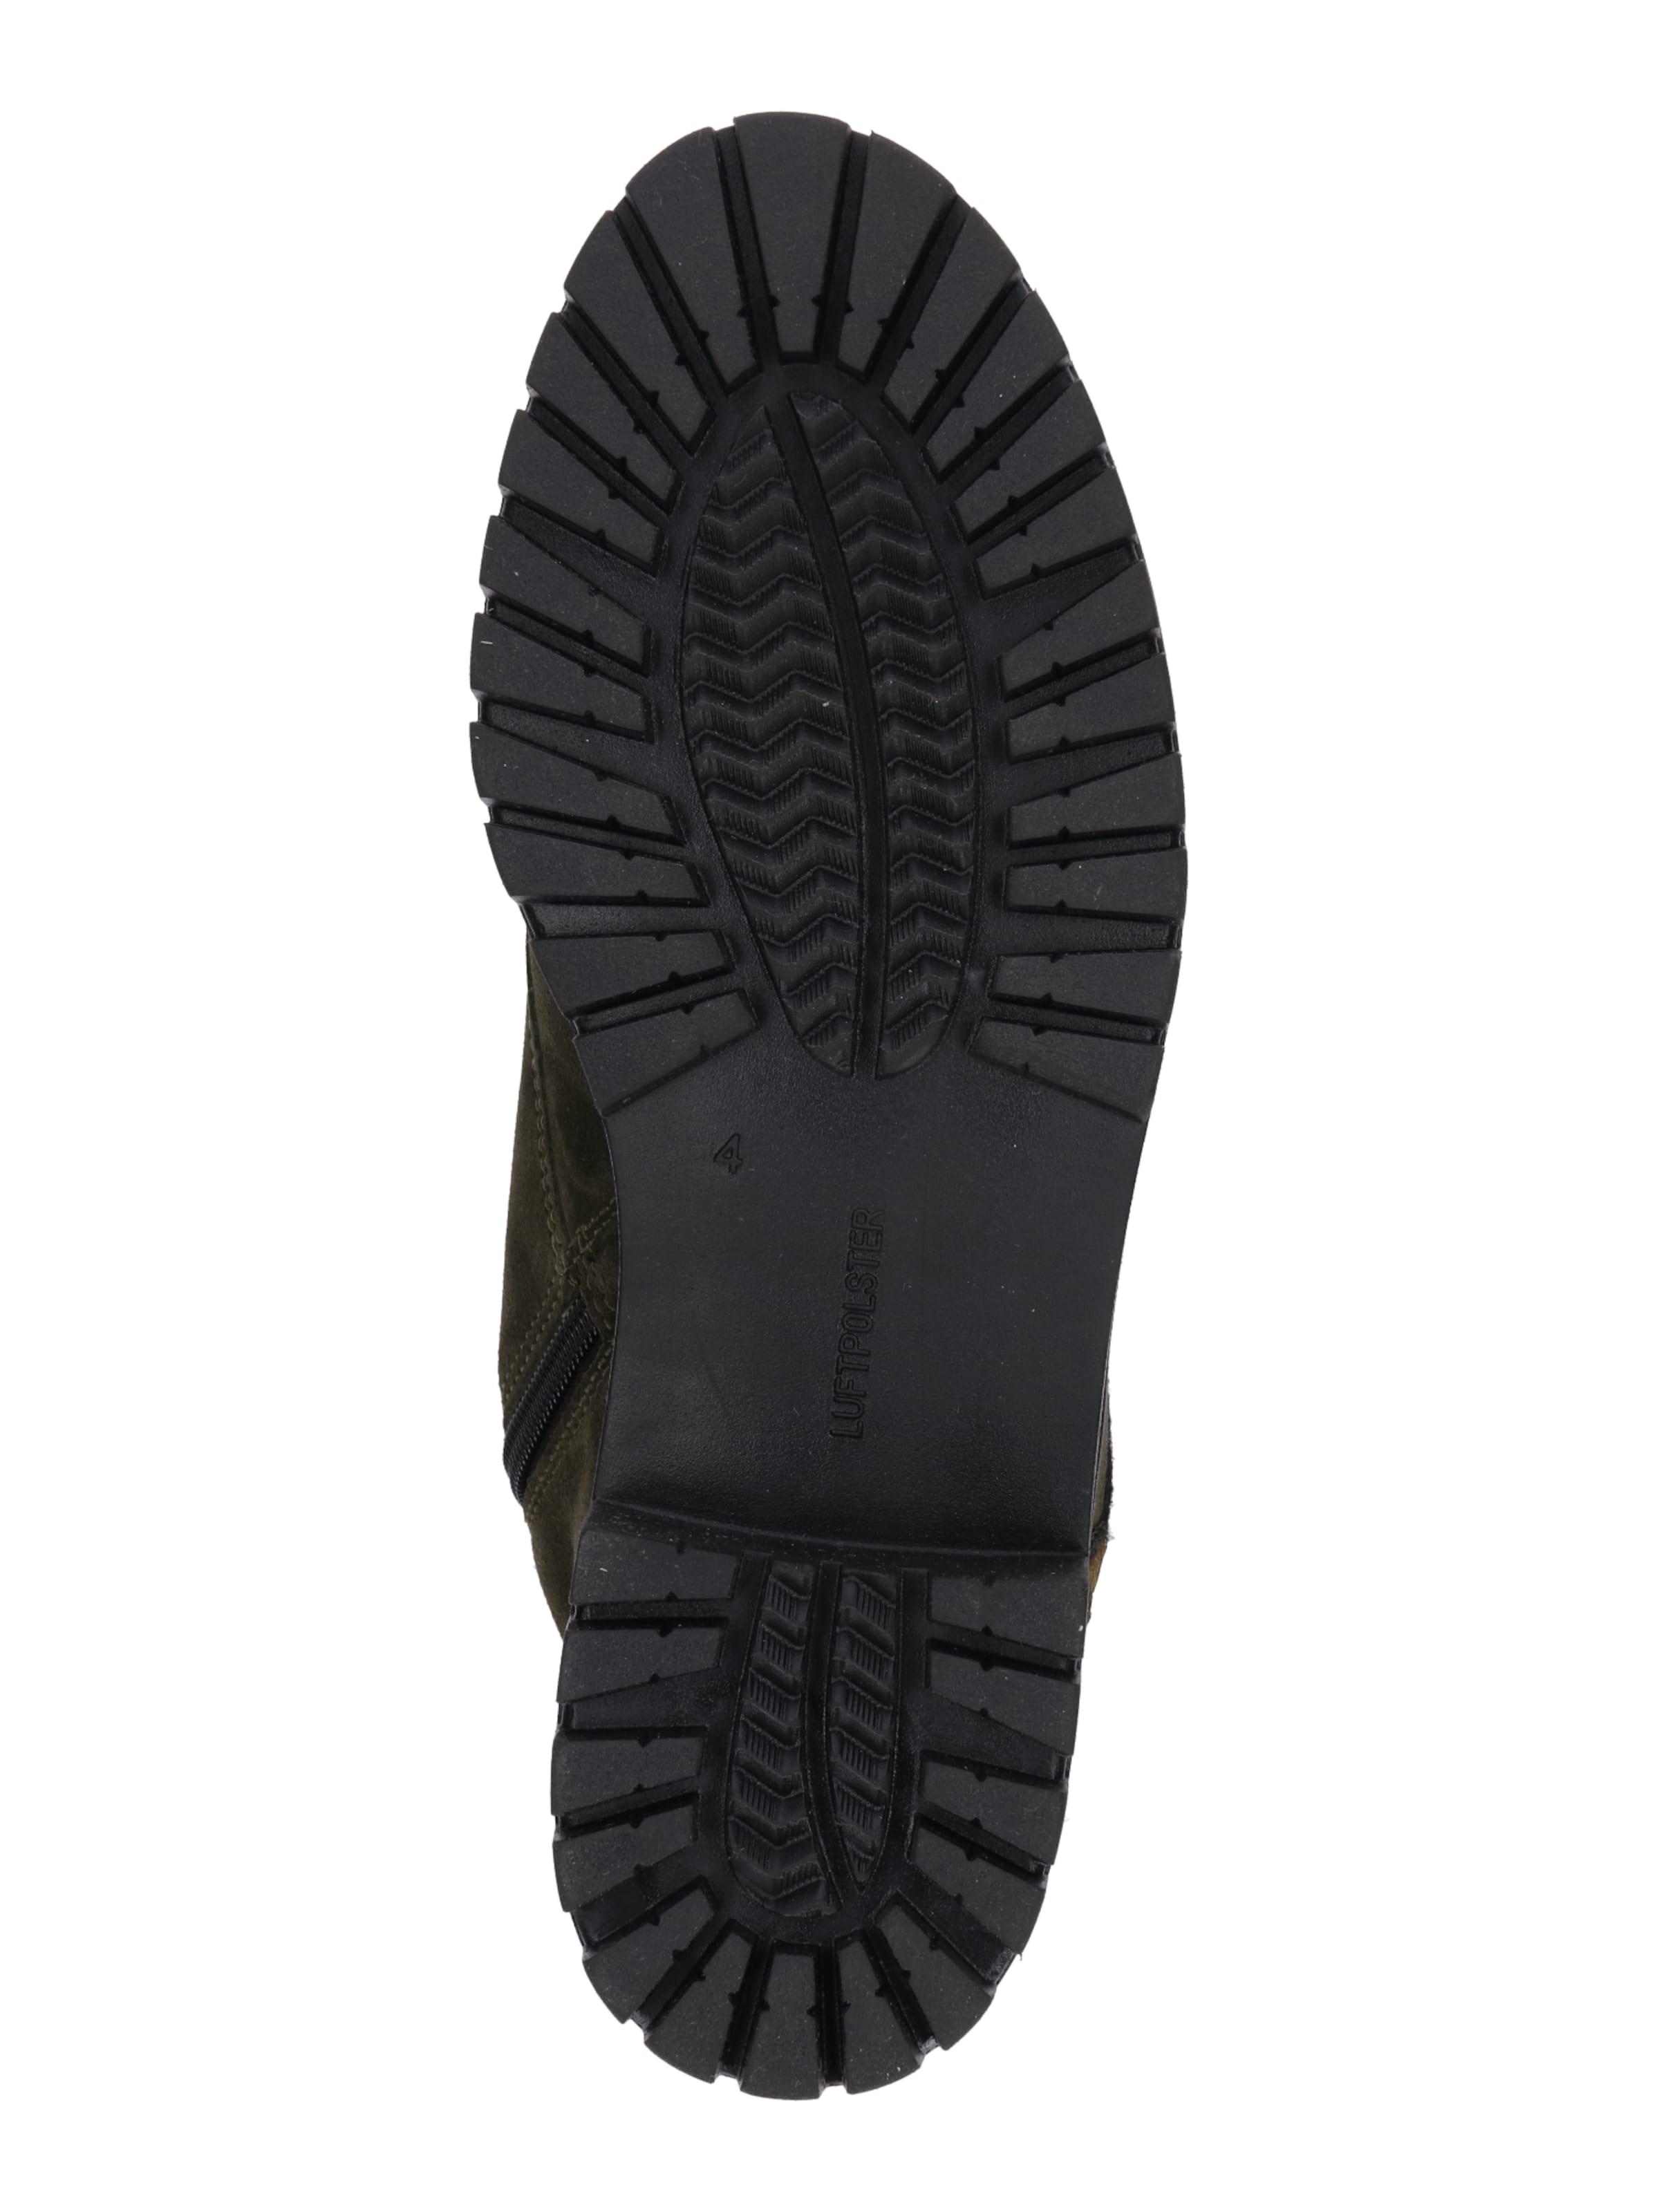 ARA Stiefel Stiefel Stiefel 'Jac-St Leder Verkaufen Sie saisonale Aktionen 07490c